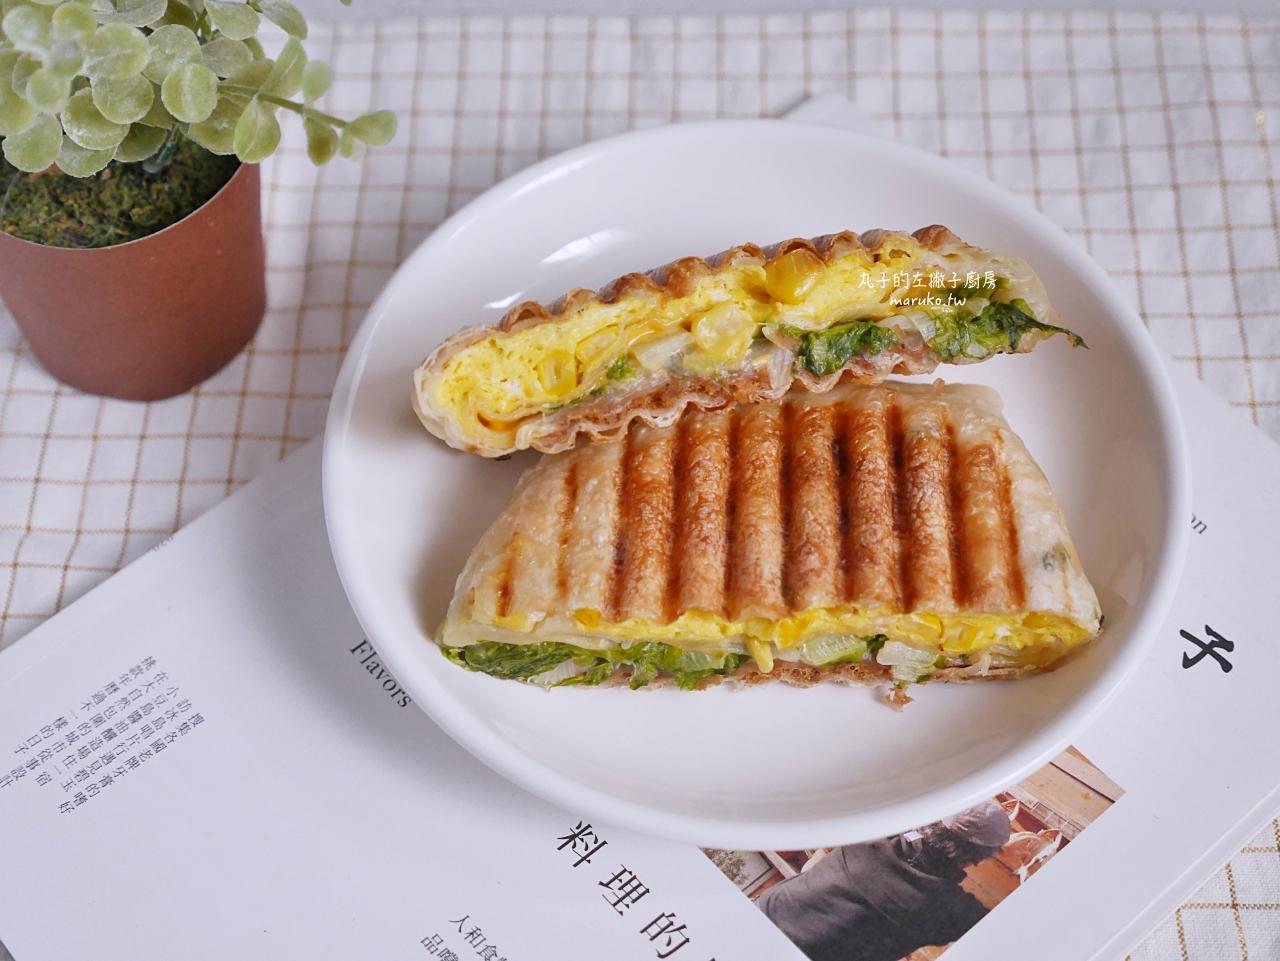 【鬆餅機食譜】摺疊蔥抓餅/把餡料包起來這樣吃酥脆又乾爽/帕里尼烤盤做法 @Maruko與美食有個約會